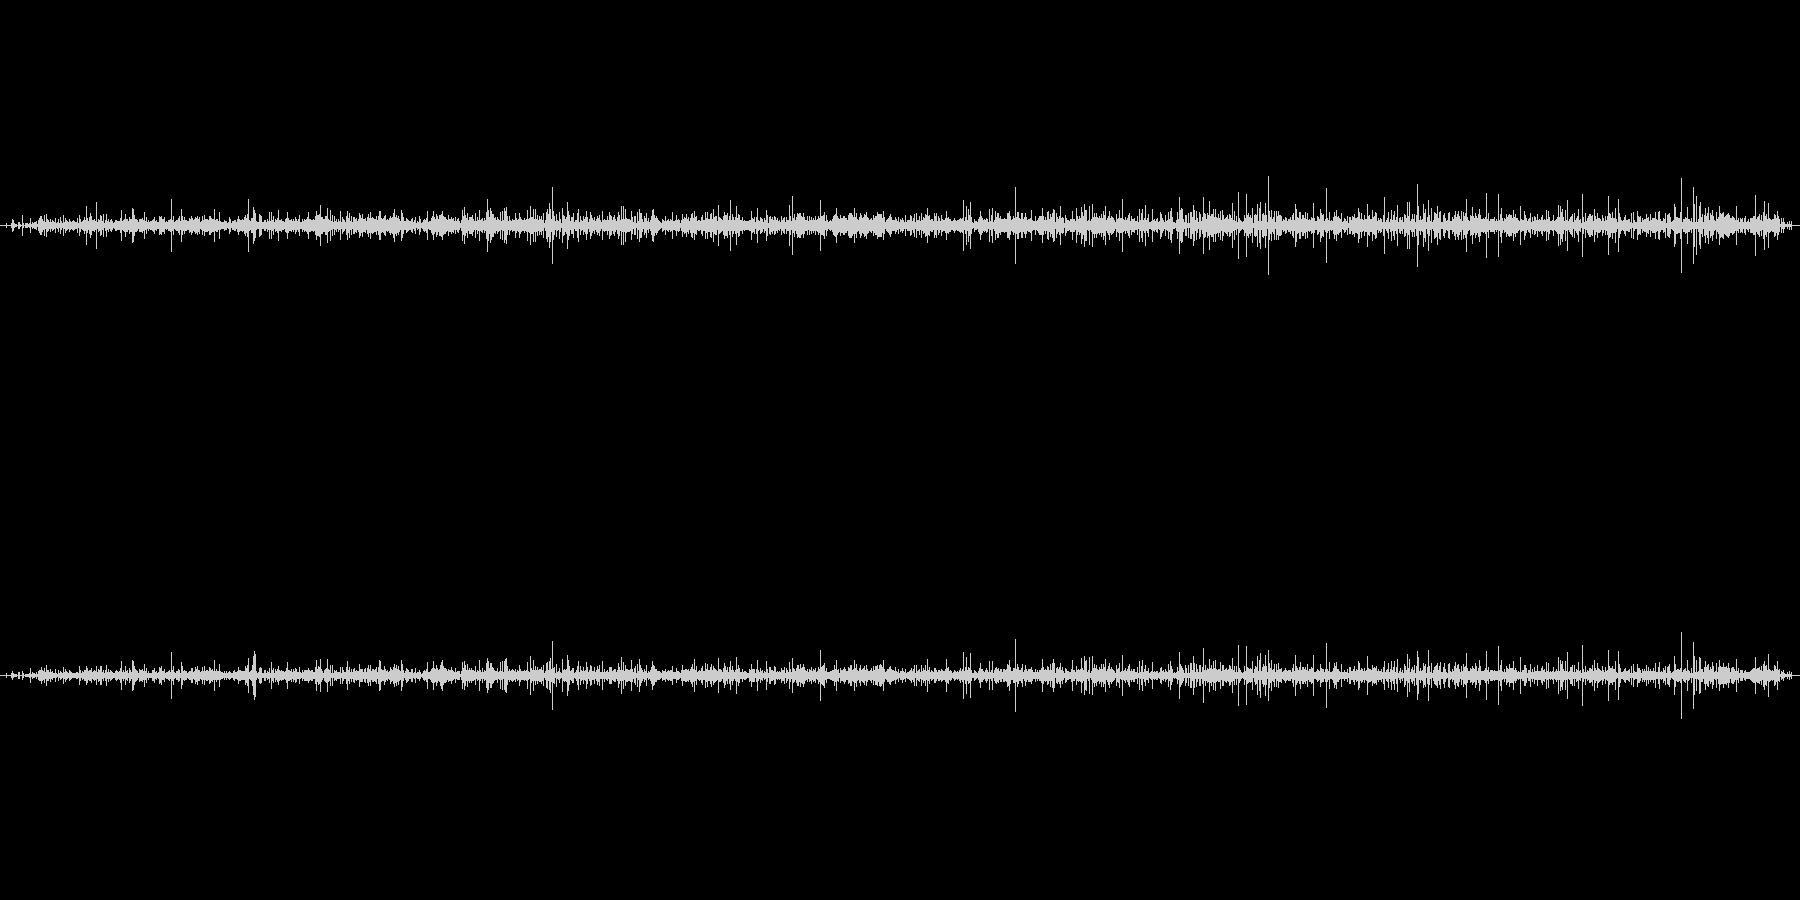 蛇口の中の音の未再生の波形